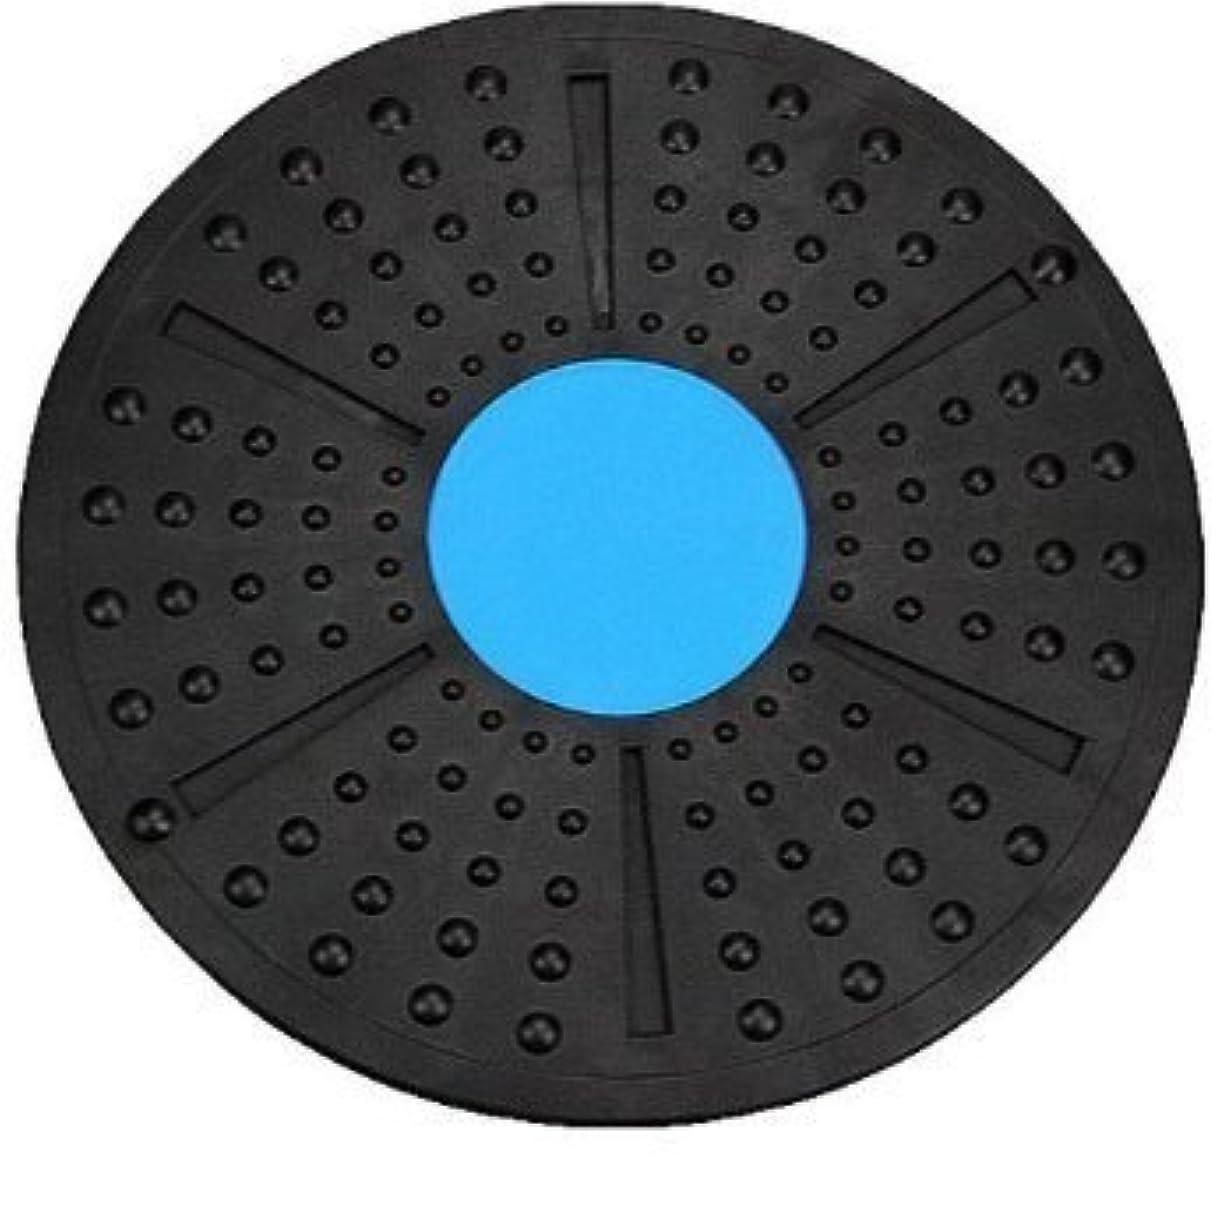 クレーンを除くゲートウェイ体幹トレーニング ダイエット エクササイズ メディカルサポート バランスボード 2色 これ1つで全身運動 (青×黒)